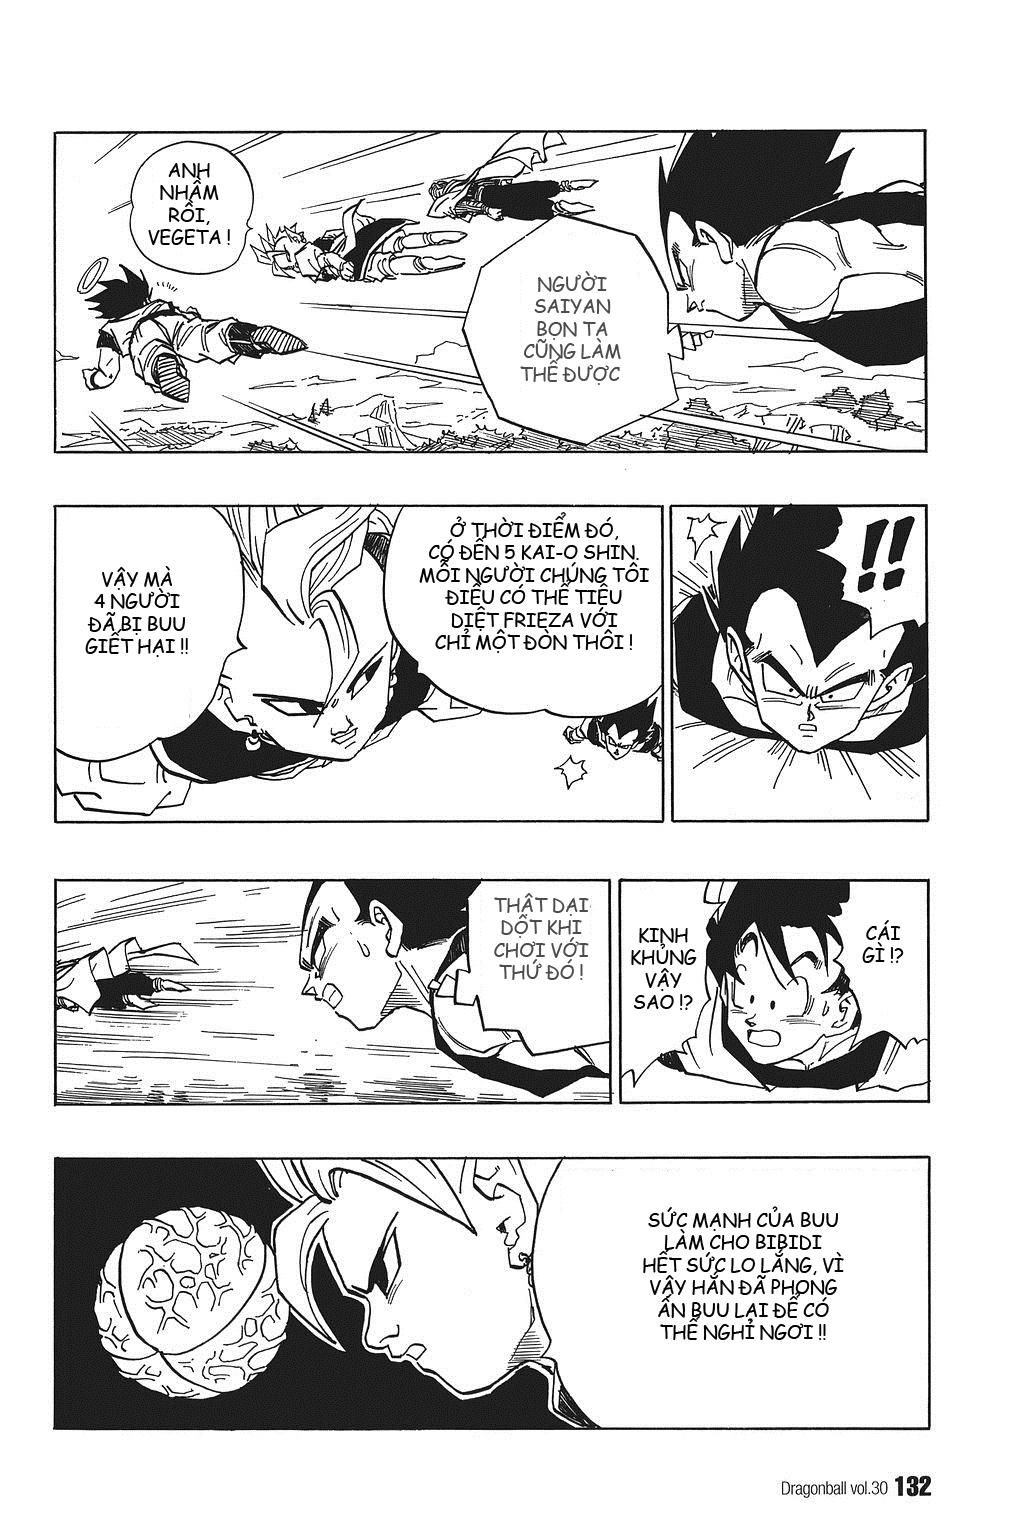 xem truyen moi - Dragon Ball Bản Vip - Bản Đẹp Nguyên Gốc Chap 445